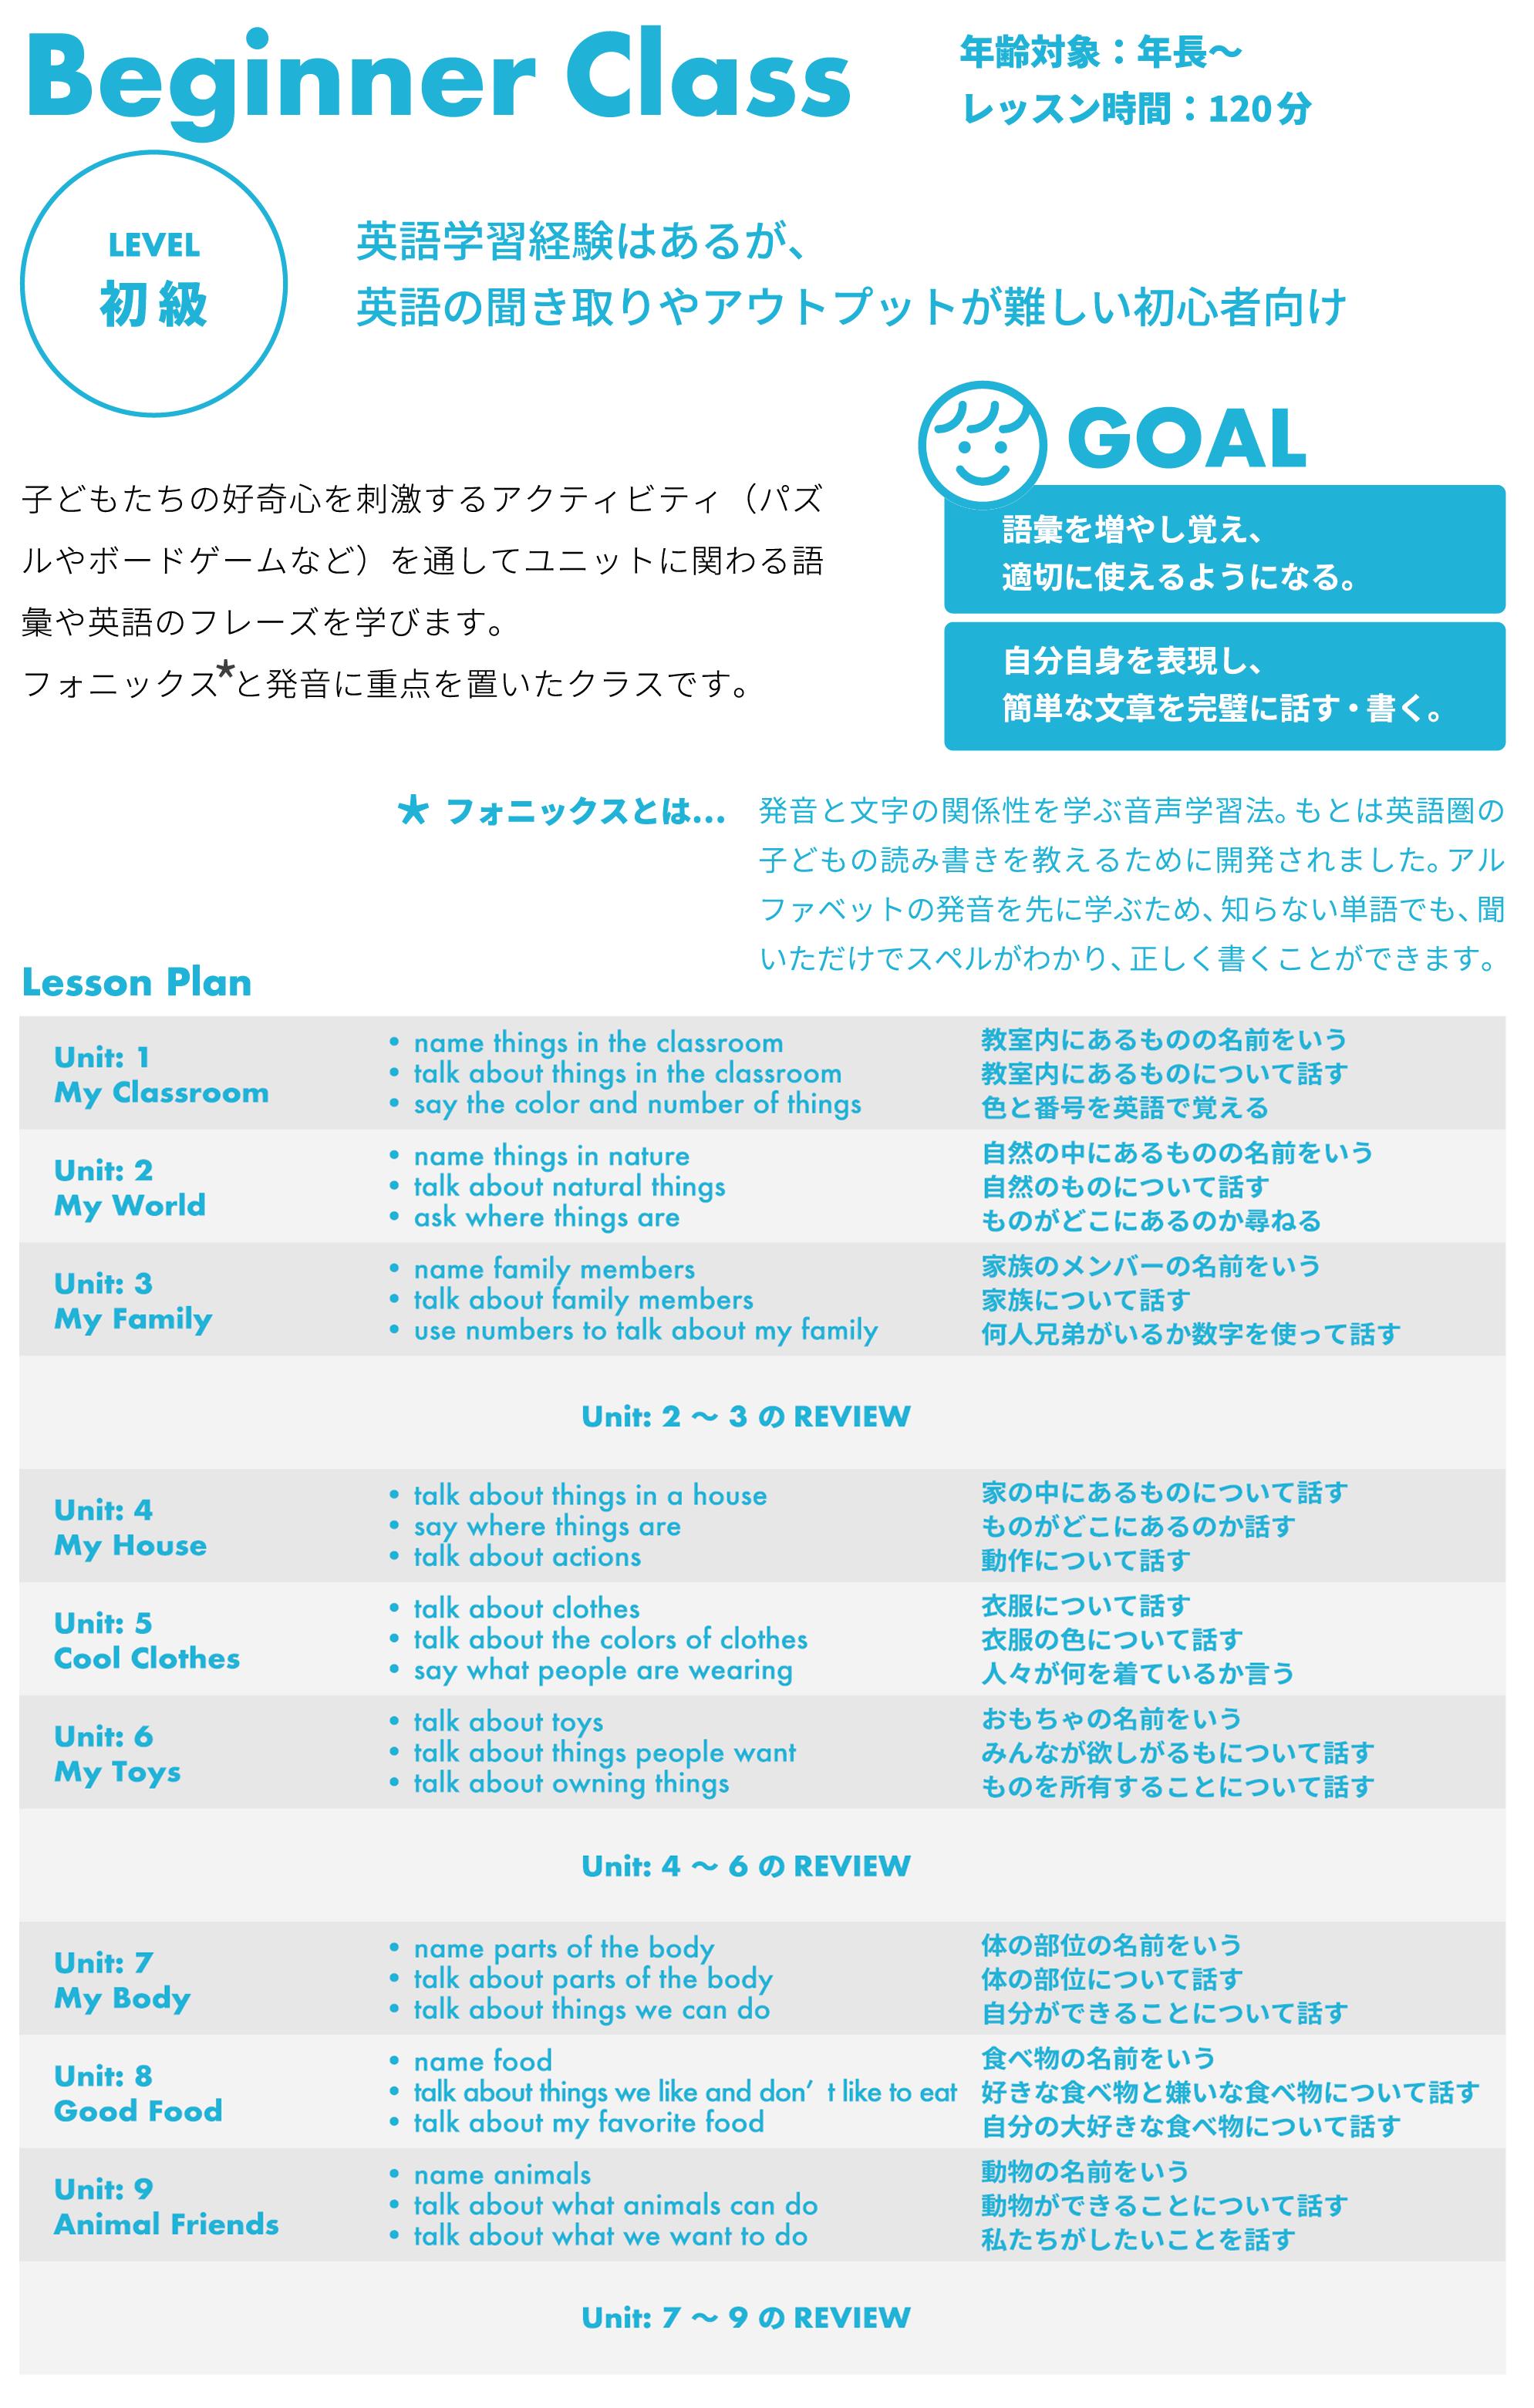 SG-Beginner(初級)プラン